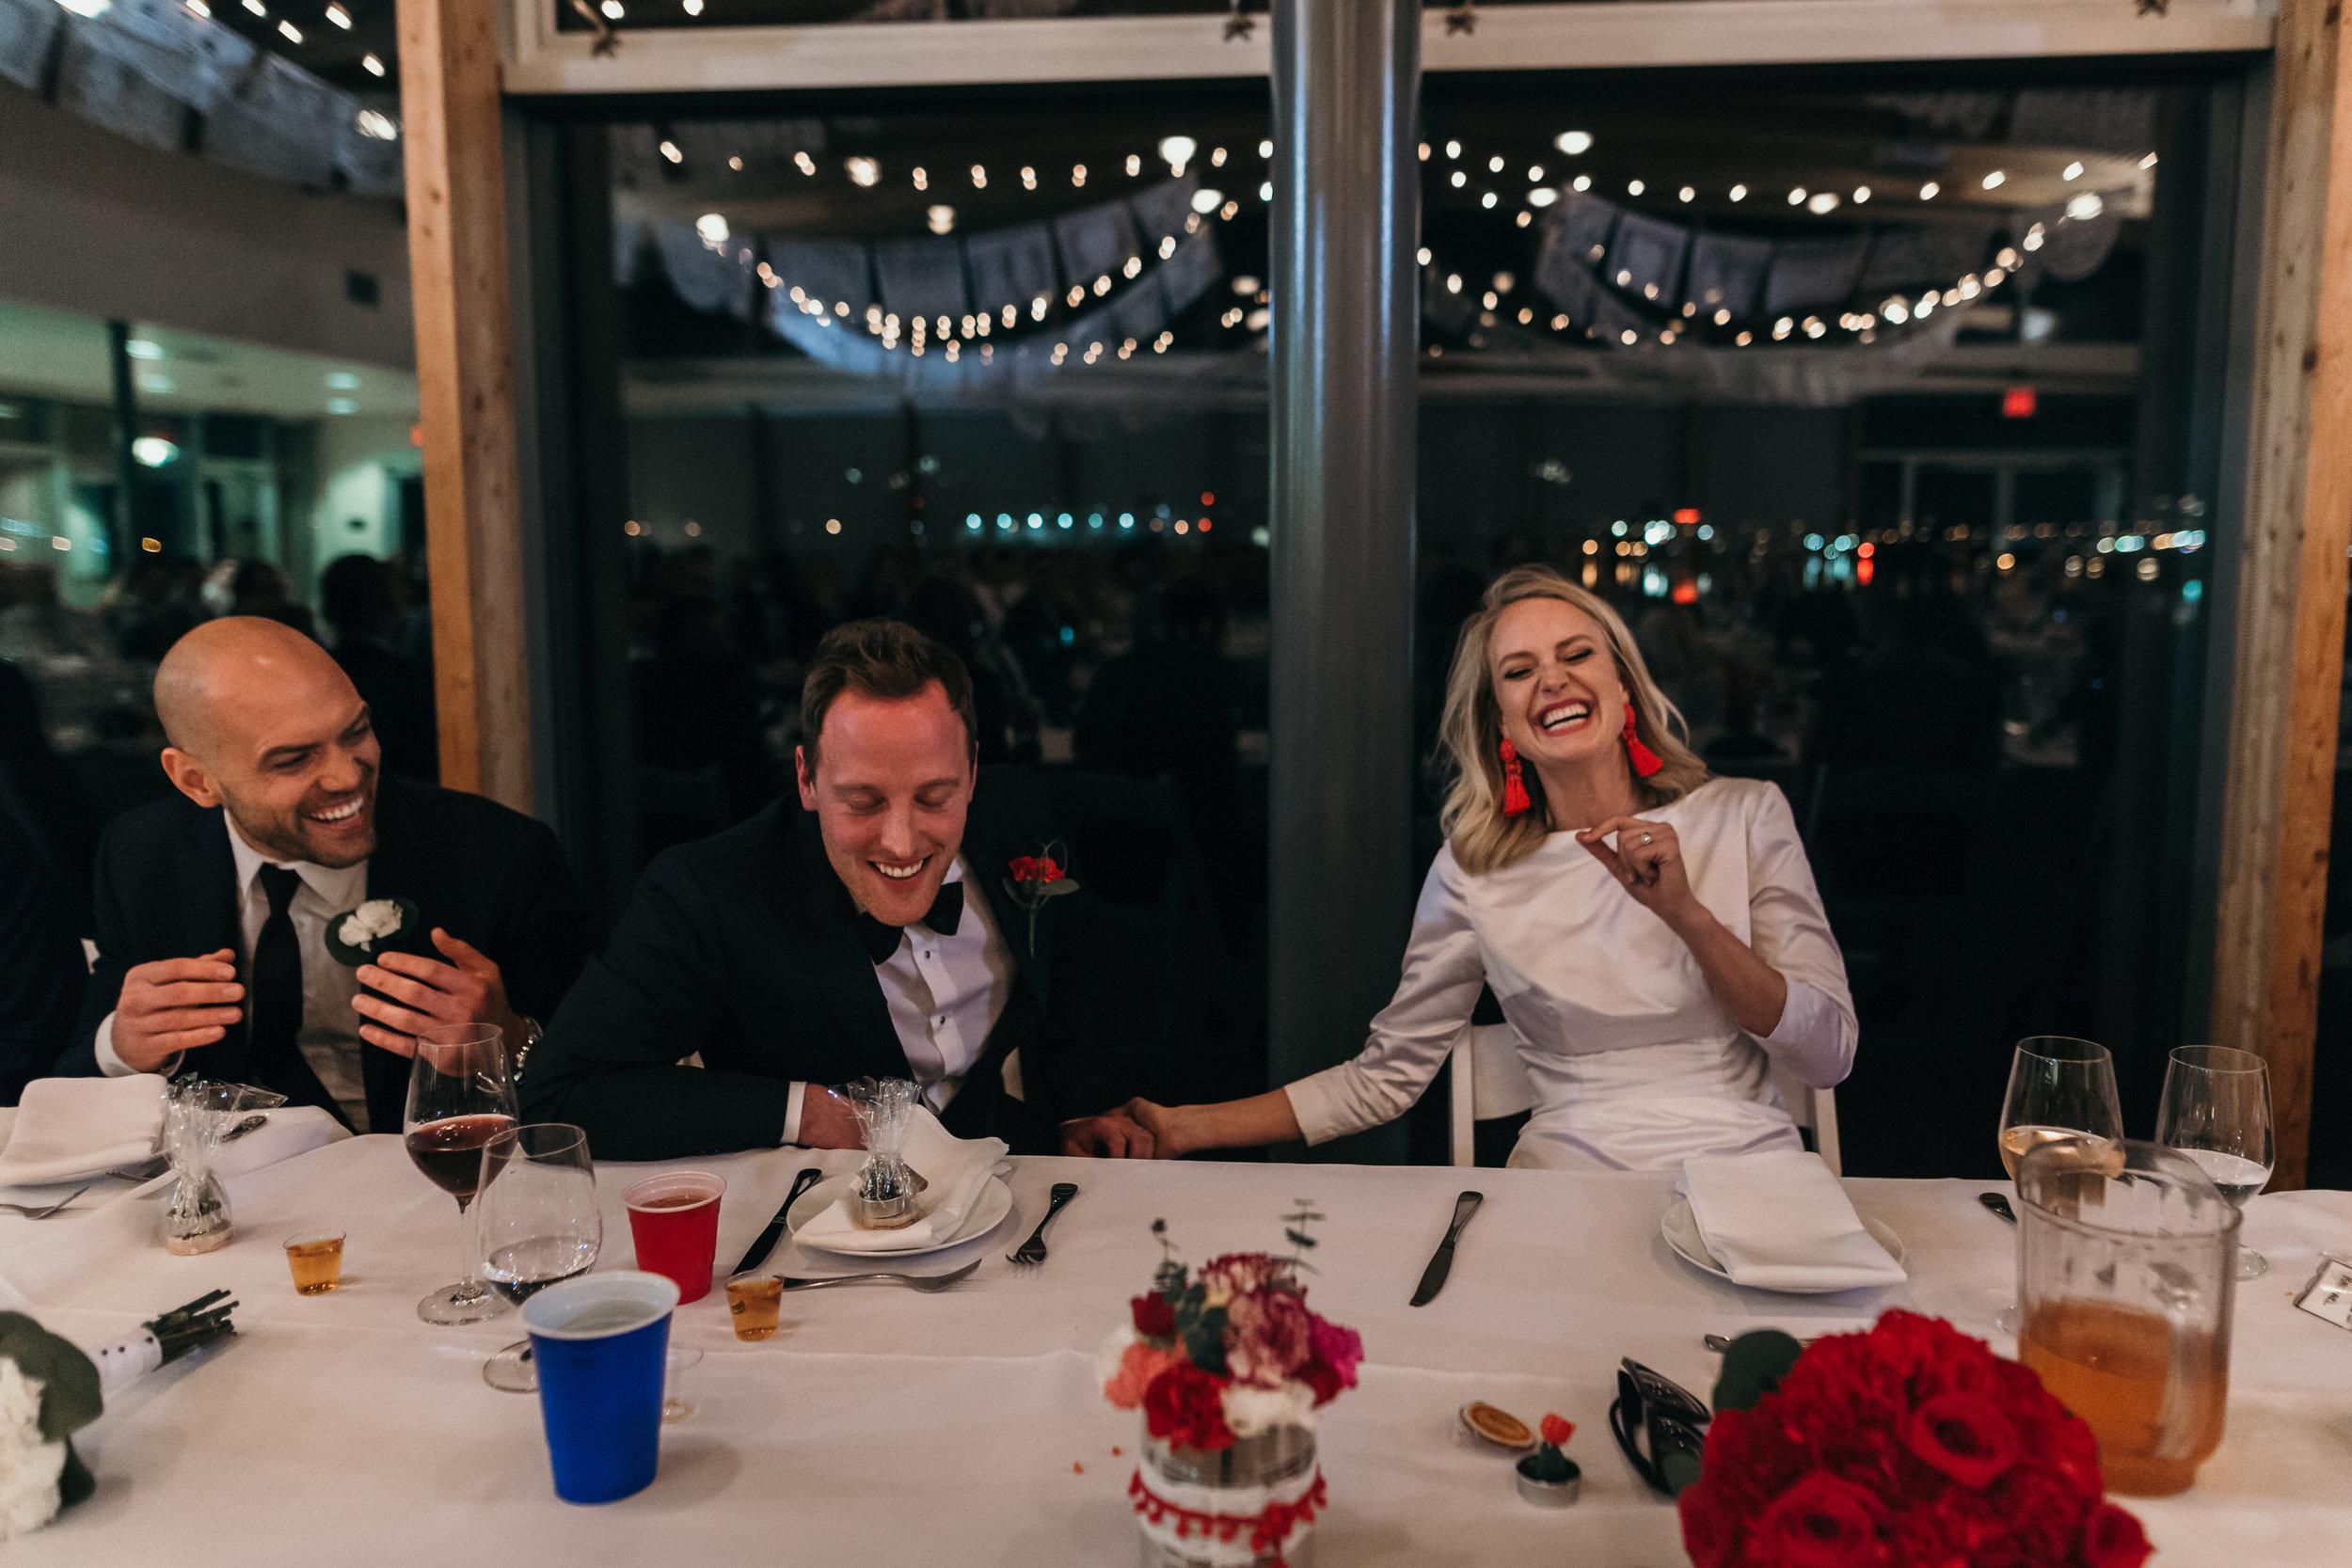 Vancouver New Years Eve Wedding - UBC Boathouse Wedding - Kitsilano Wedding Photos - Vancouver Wedding Photographer - Vancouver Wedding Videographer - 964.JPG